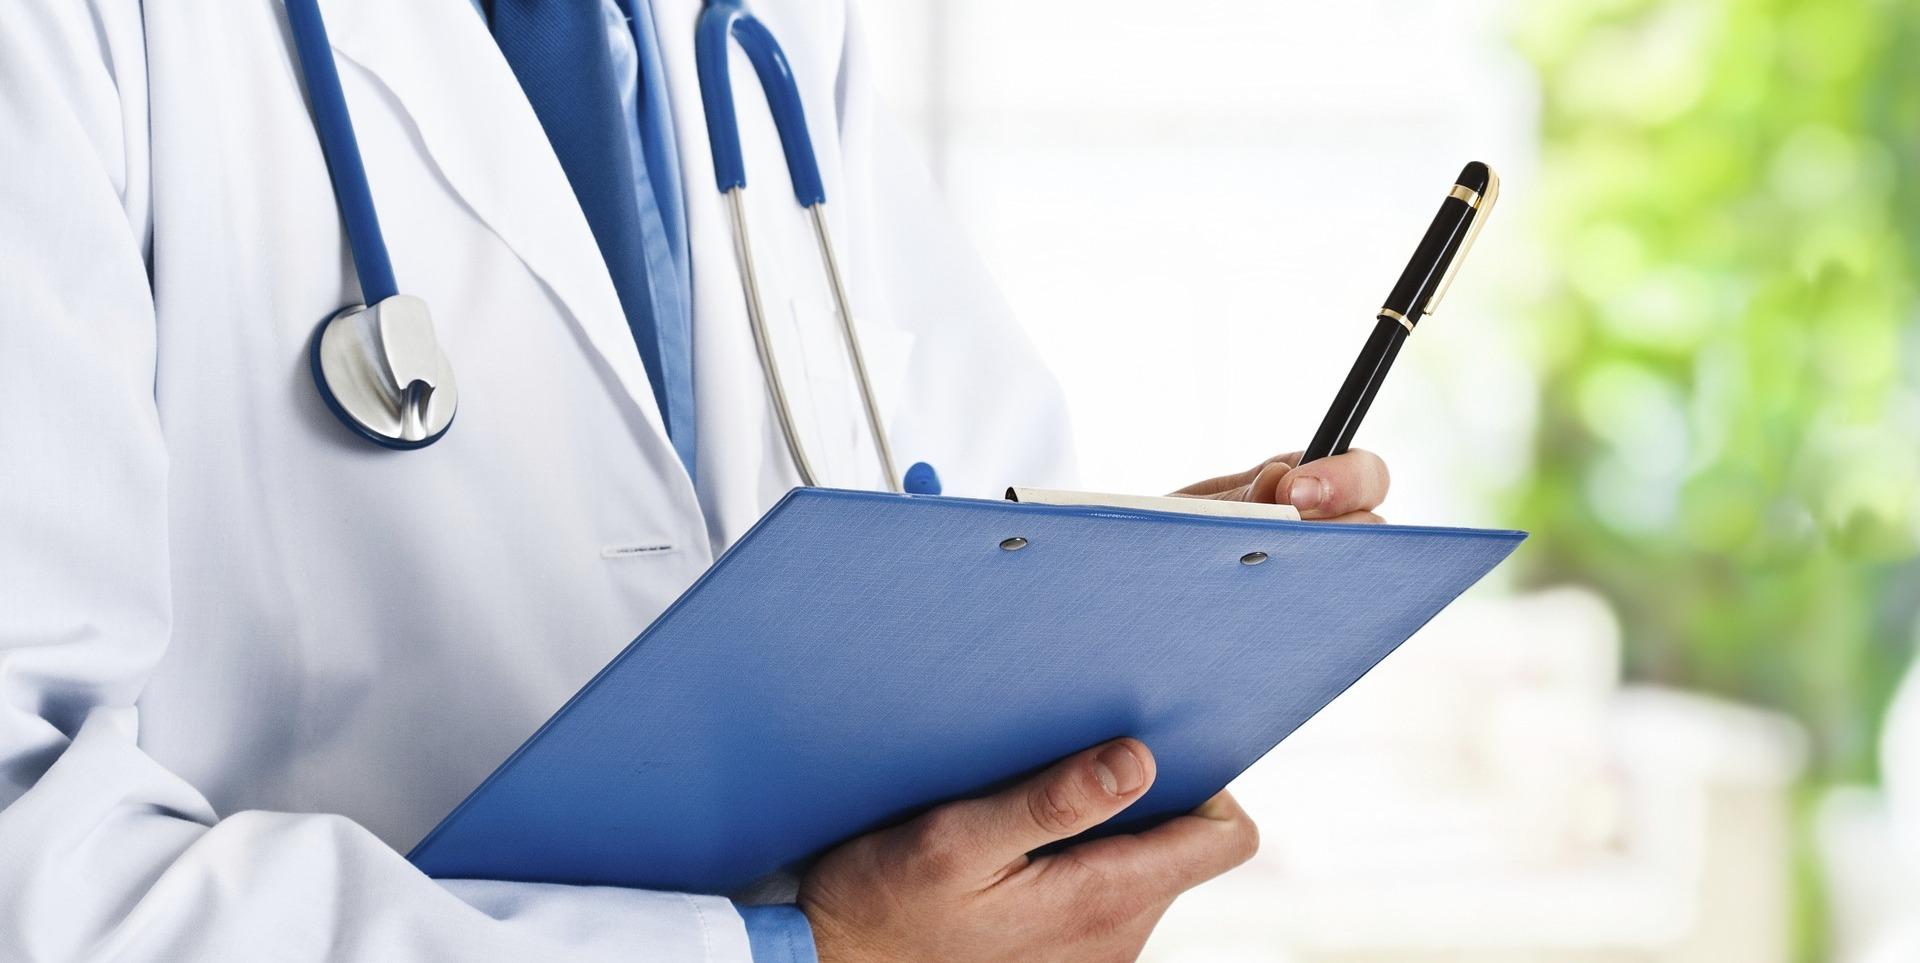 врач пиксабай